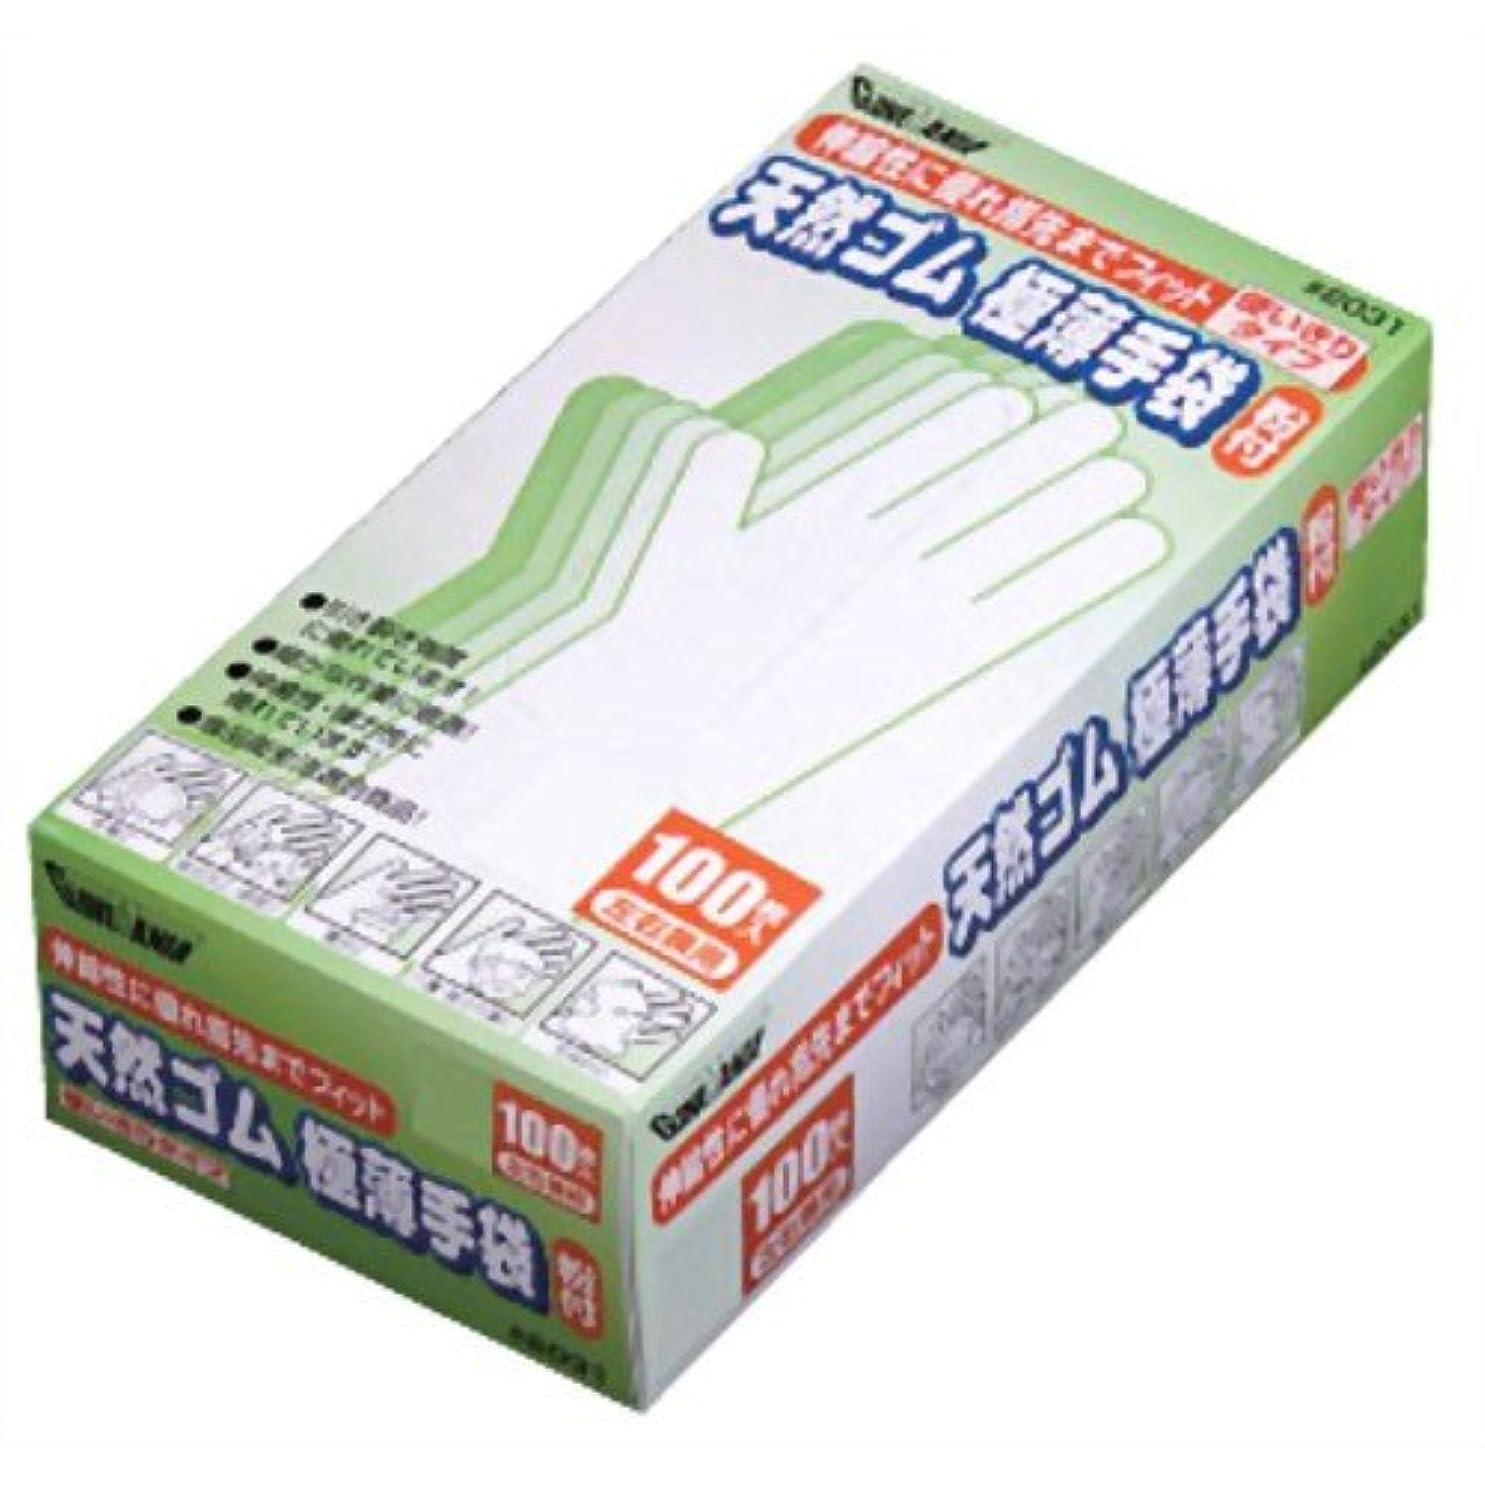 肥沃な前件延ばす川西工業 天然ゴム極薄手袋 粉付 100枚入 #2031 ナチュラル SS